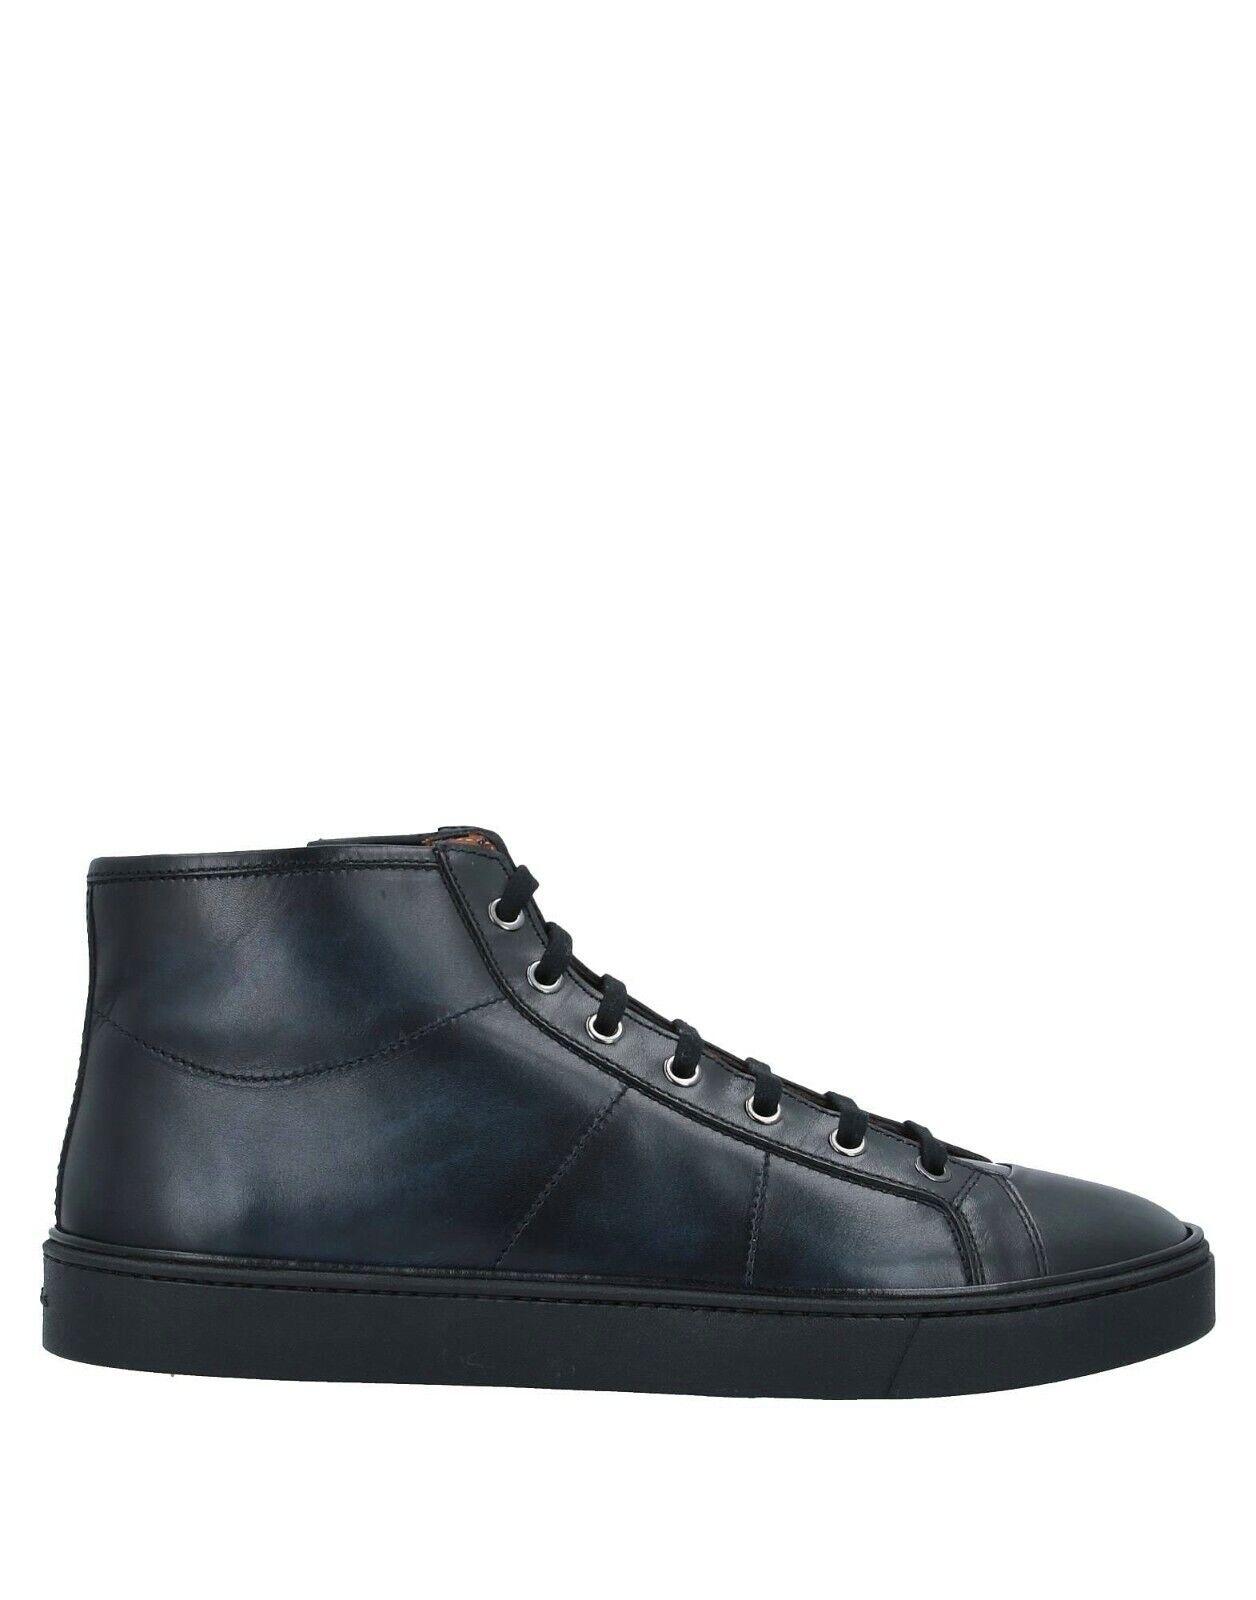 NIB Santoni Antiqued Calf Leather Laces/Zip Mens Sneakers US 11.5-12/UK 11